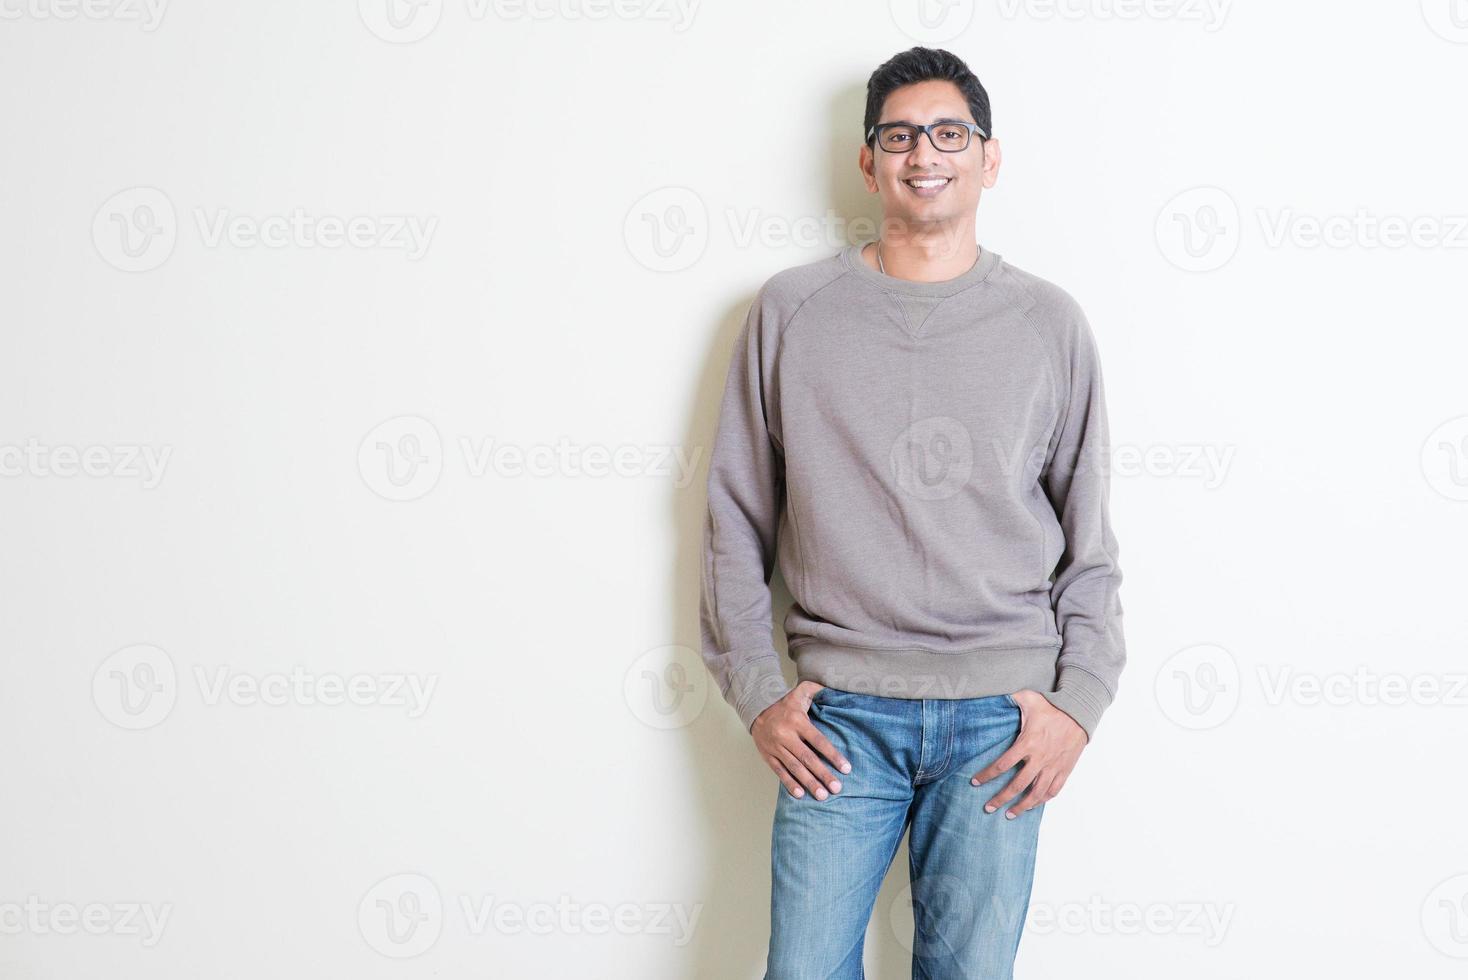 avslappnad indisk manlig porträtt foto